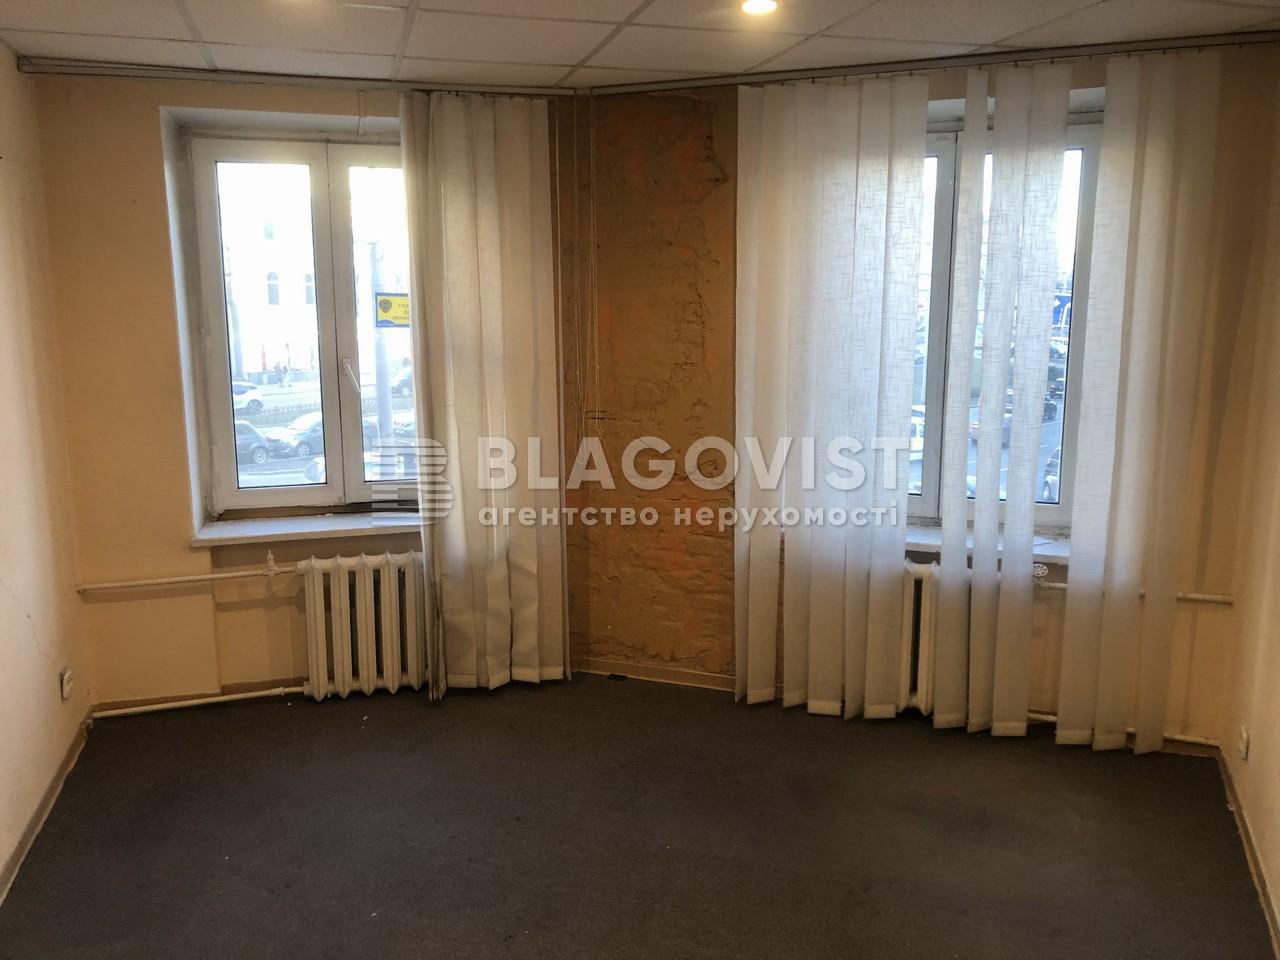 Квартира C-109019, Бассейная, 10, Киев - Фото 3